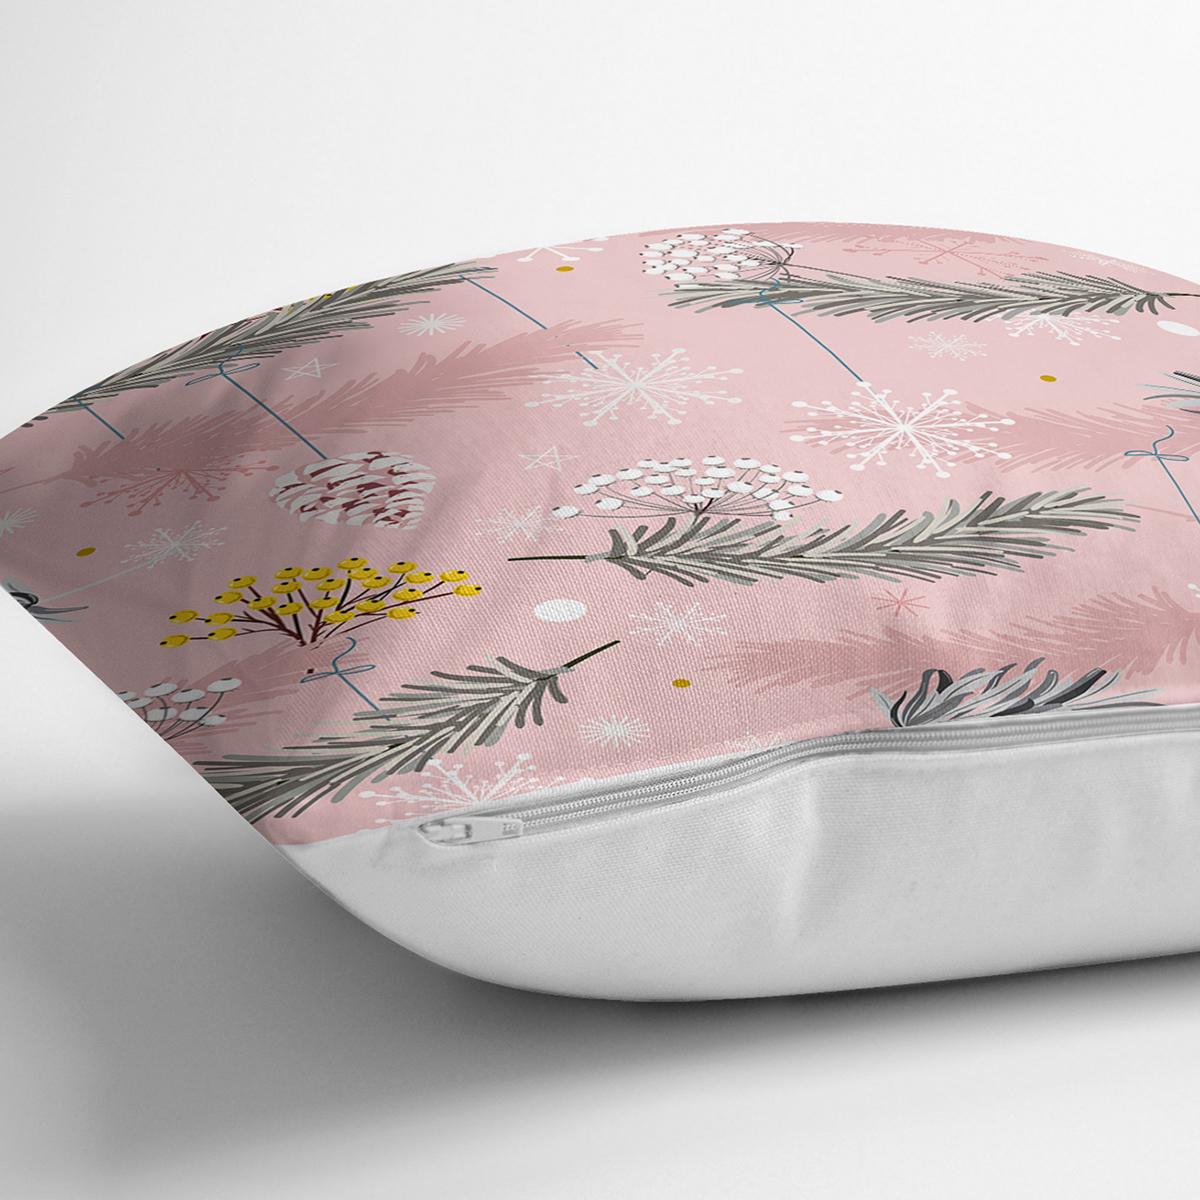 Renkli Zemin Üzerinde Kartane Desenli Yaprak Motifli Yastık Kırlent Kılıfı Realhomes